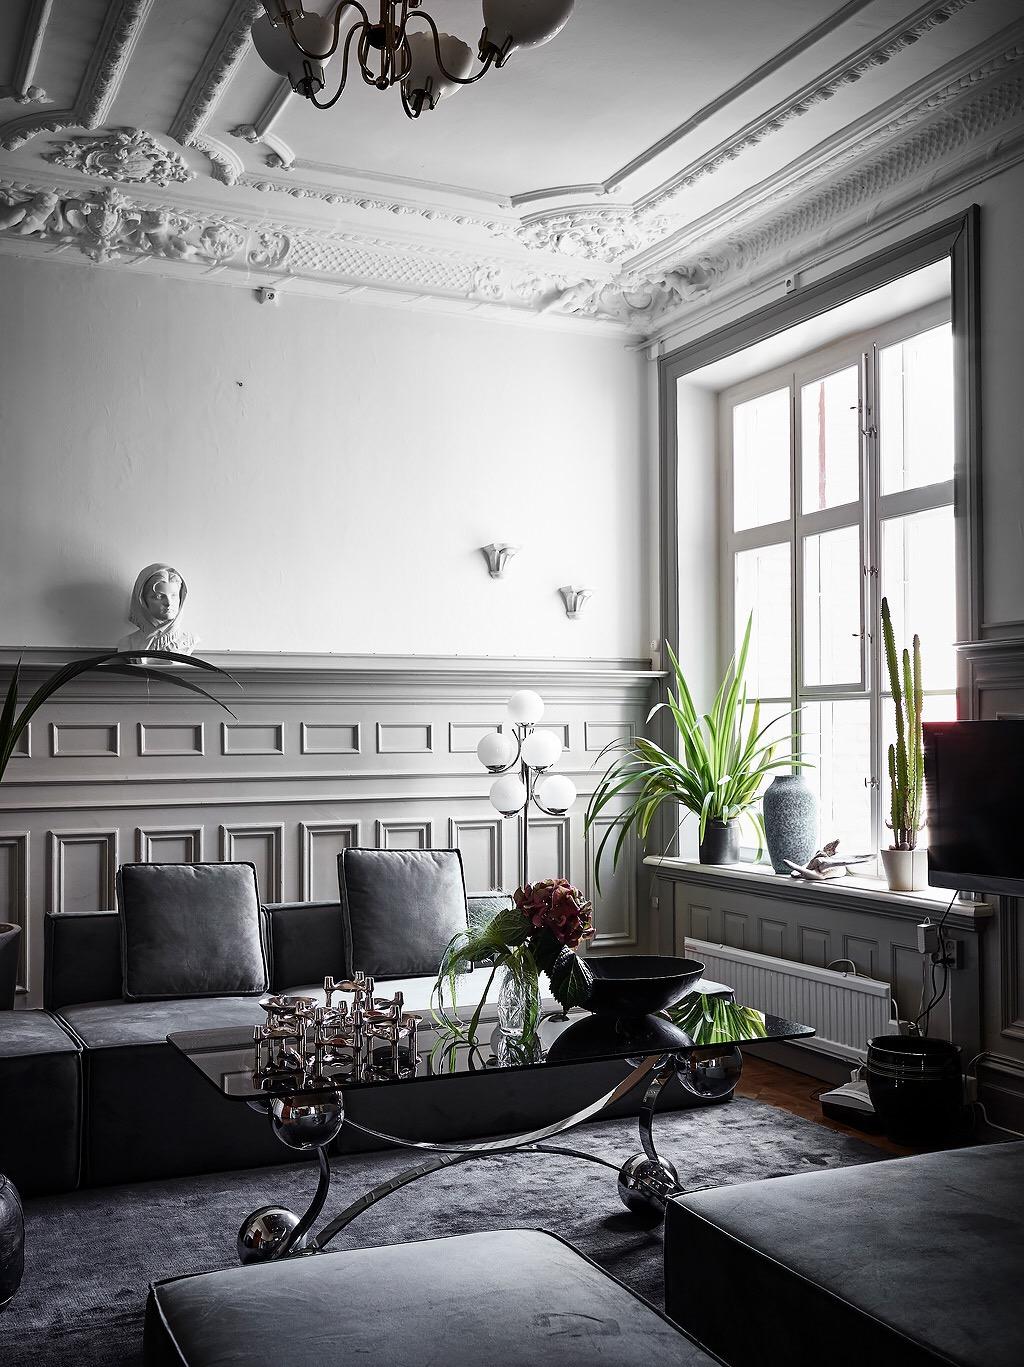 комната стеновые панели потолок лепнина окно наличники подоконник радиатор отопления